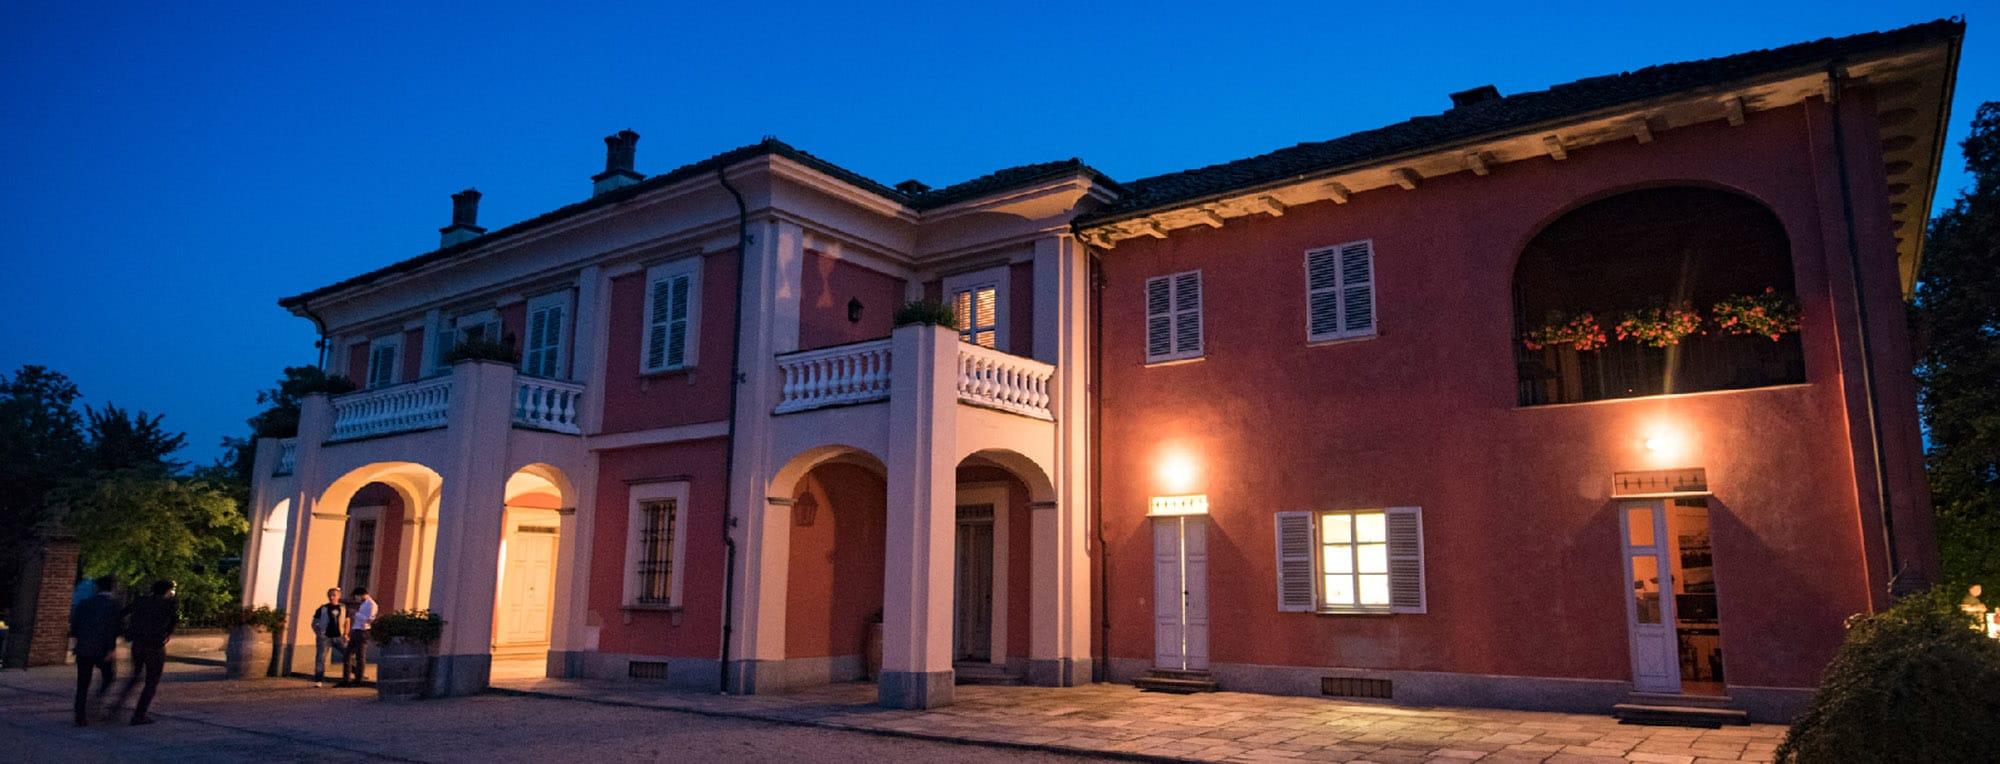 Villa Fiorita per una cena di matrimonio serale.